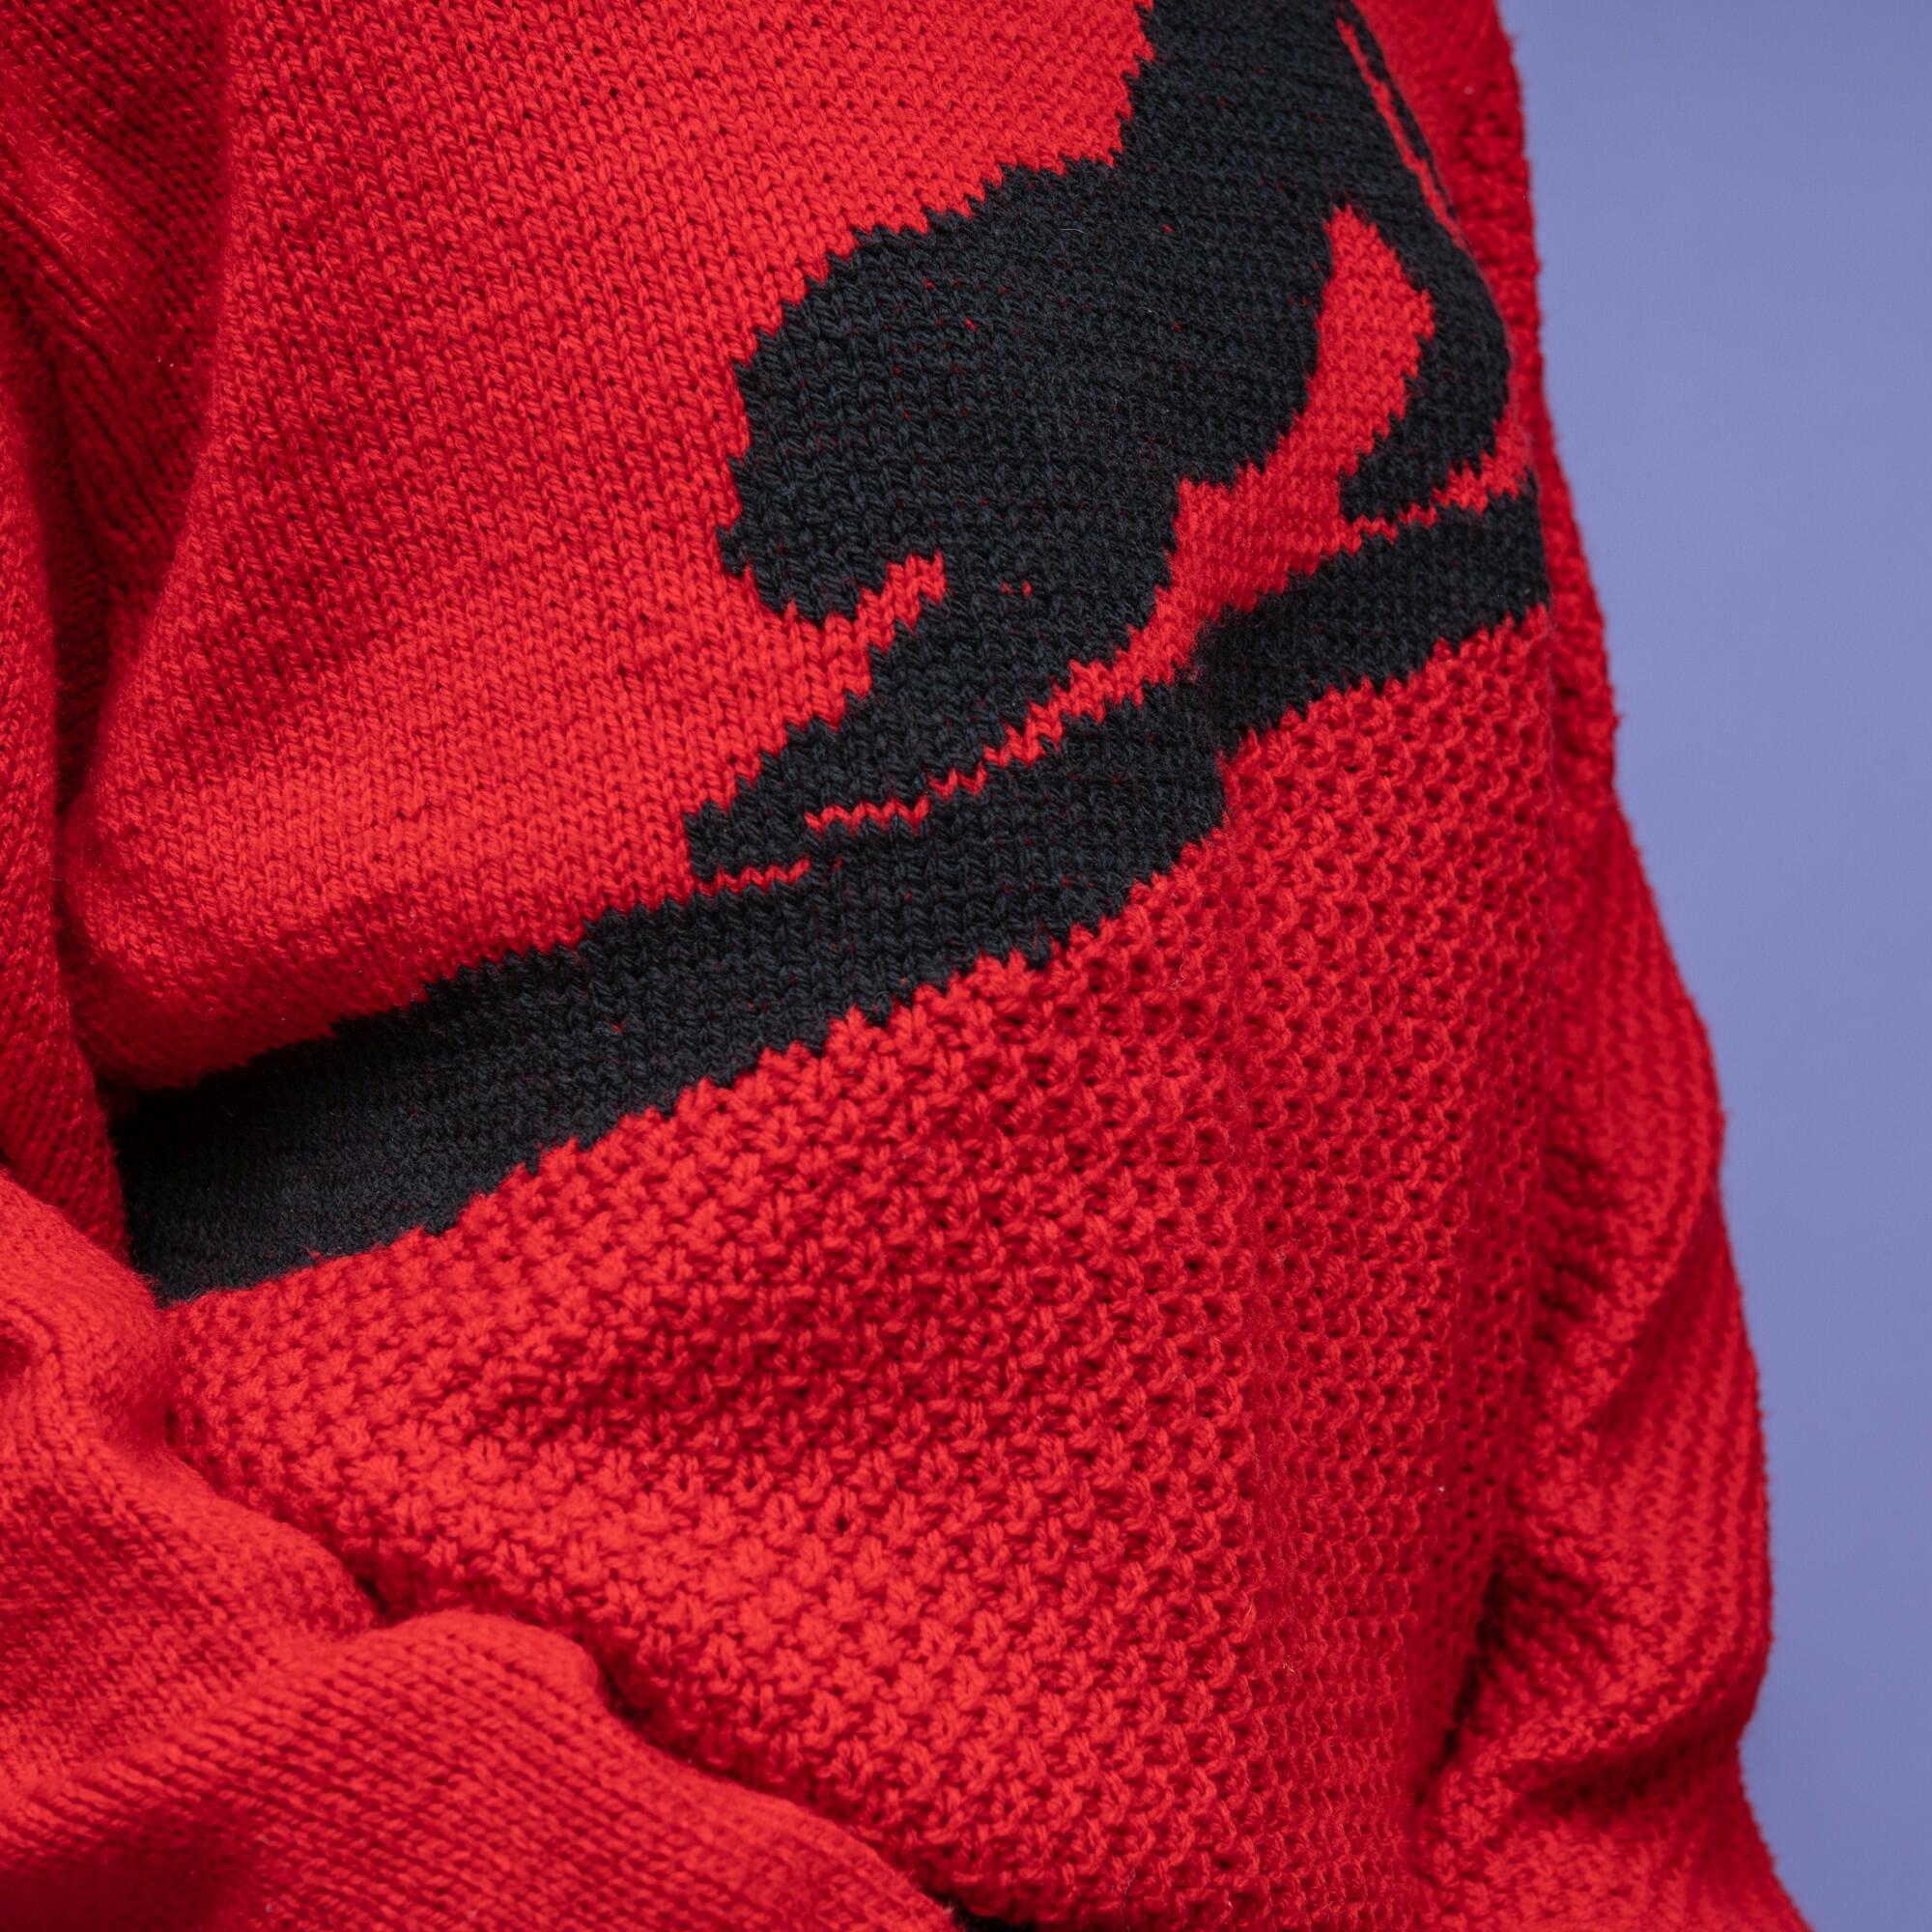 Czerwony sweter pantera - KEX Vintage Store | JestemSlow.pl